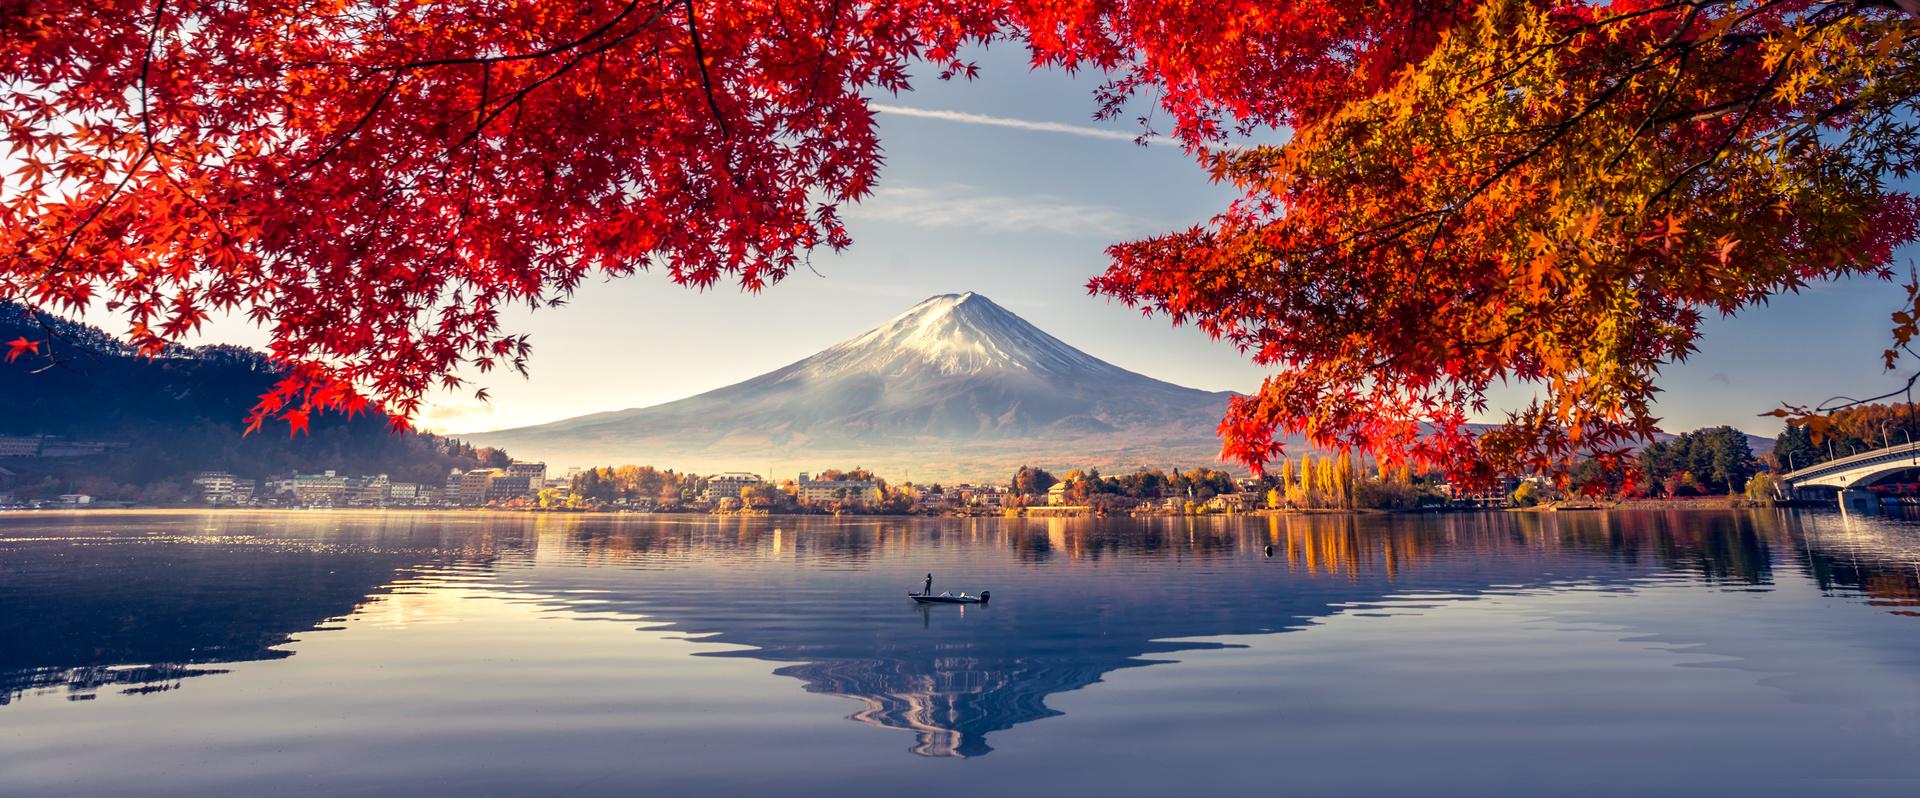 Falfestmény, kilátással a Fuji vulkánra, a tóra és a fákra, meleg és hideg színek kontrasztja